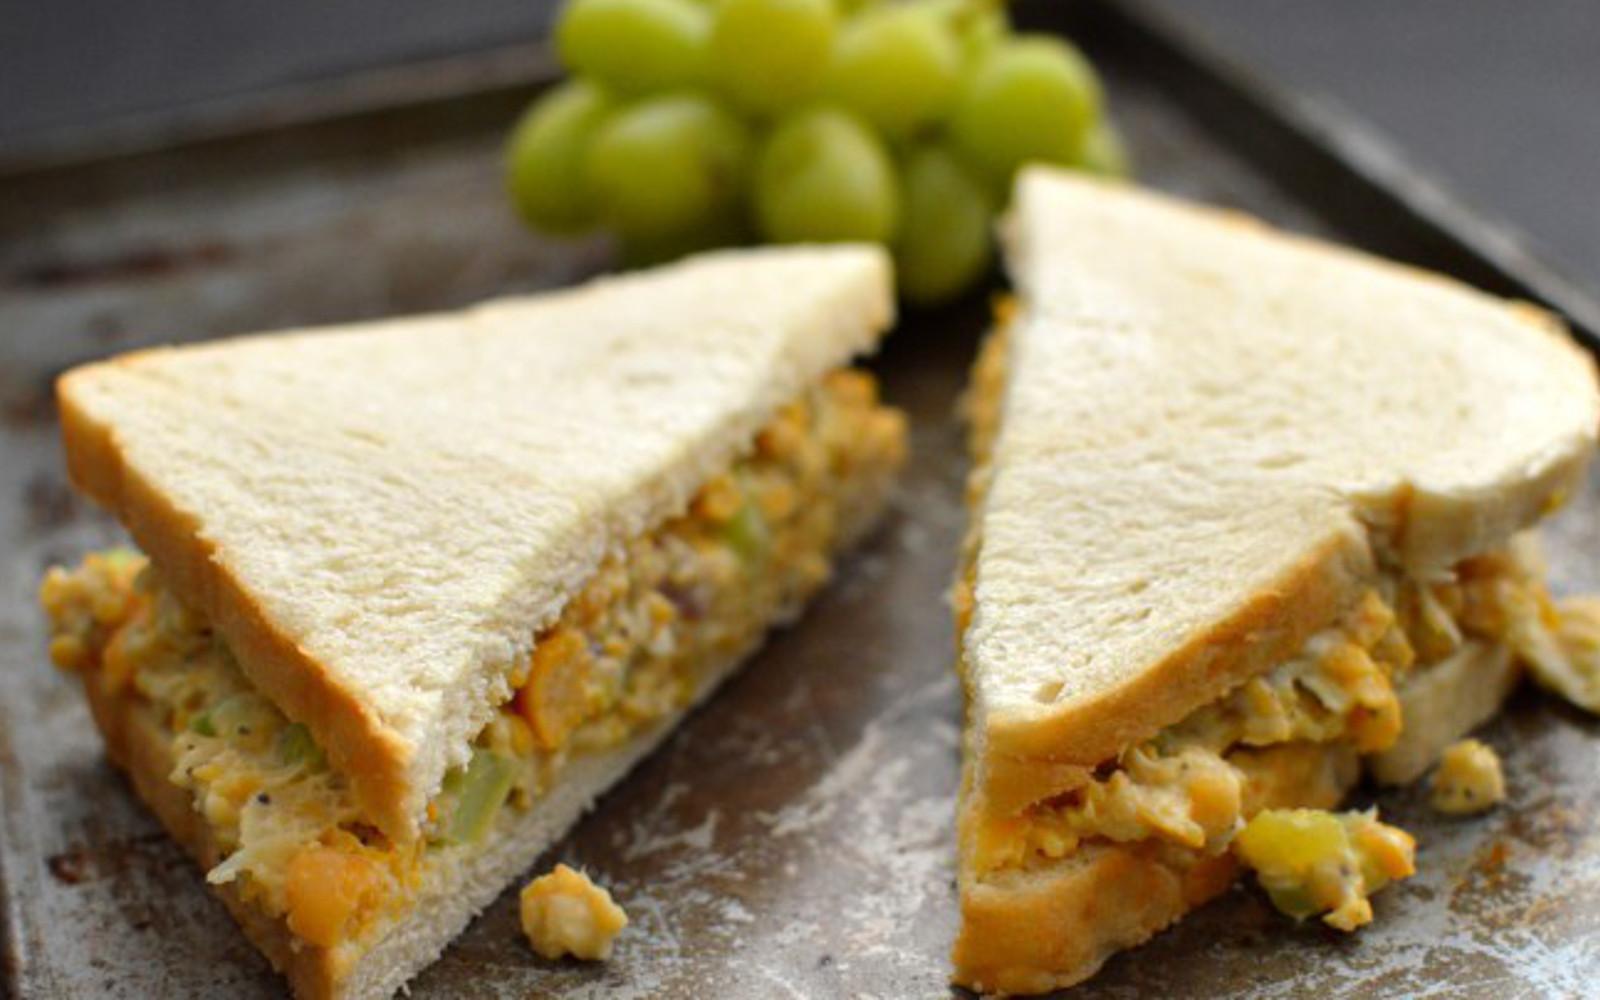 Vegan GLuten-Free Chickpea 'Tuna' Fish Sandwich high-protein